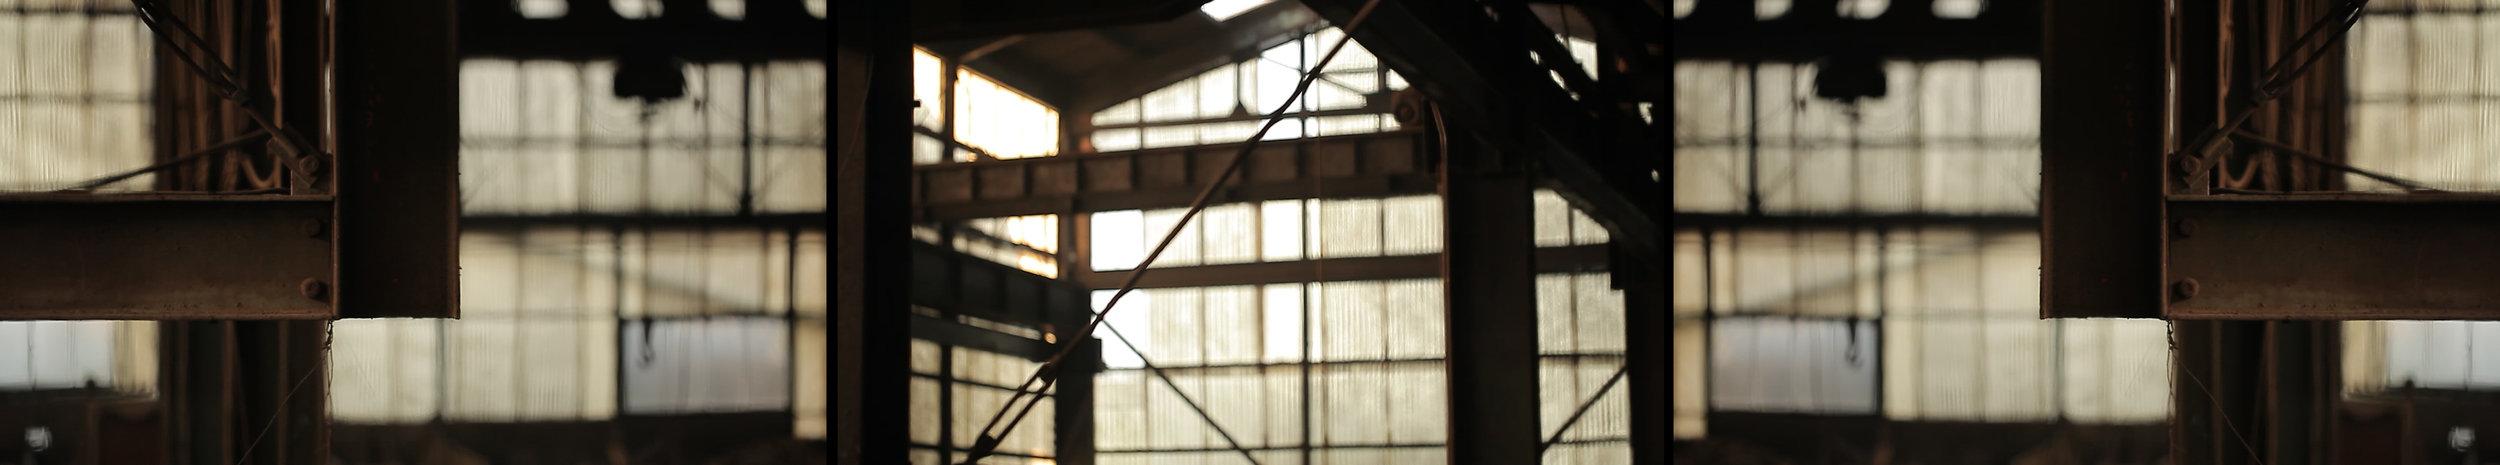 The Bell Makers of Makabe 7 (3frame still).jpg